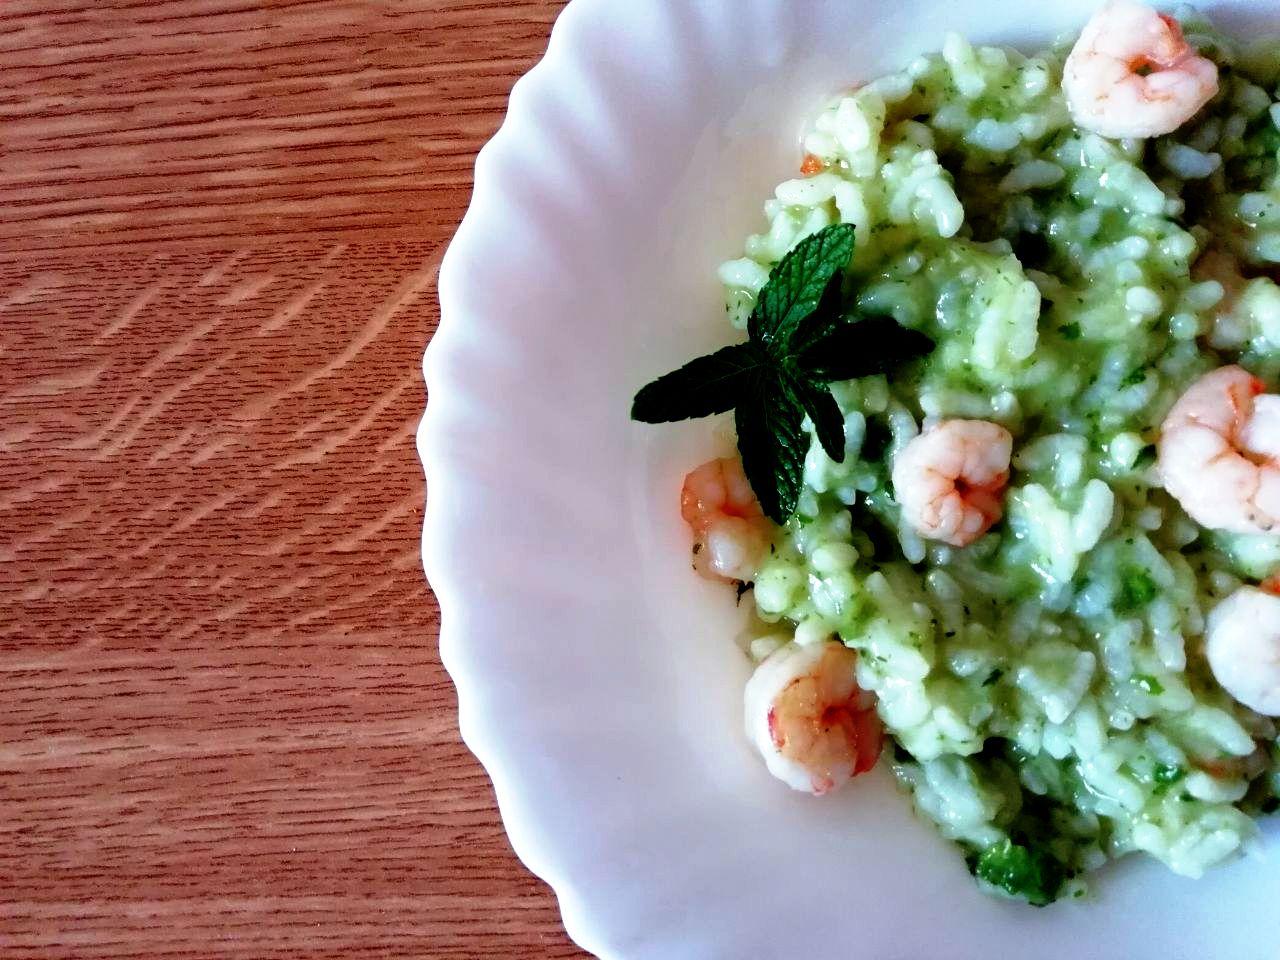 Primi piatti primaverili: riso Carnaroli alla crema di zucchine e gamberetti!